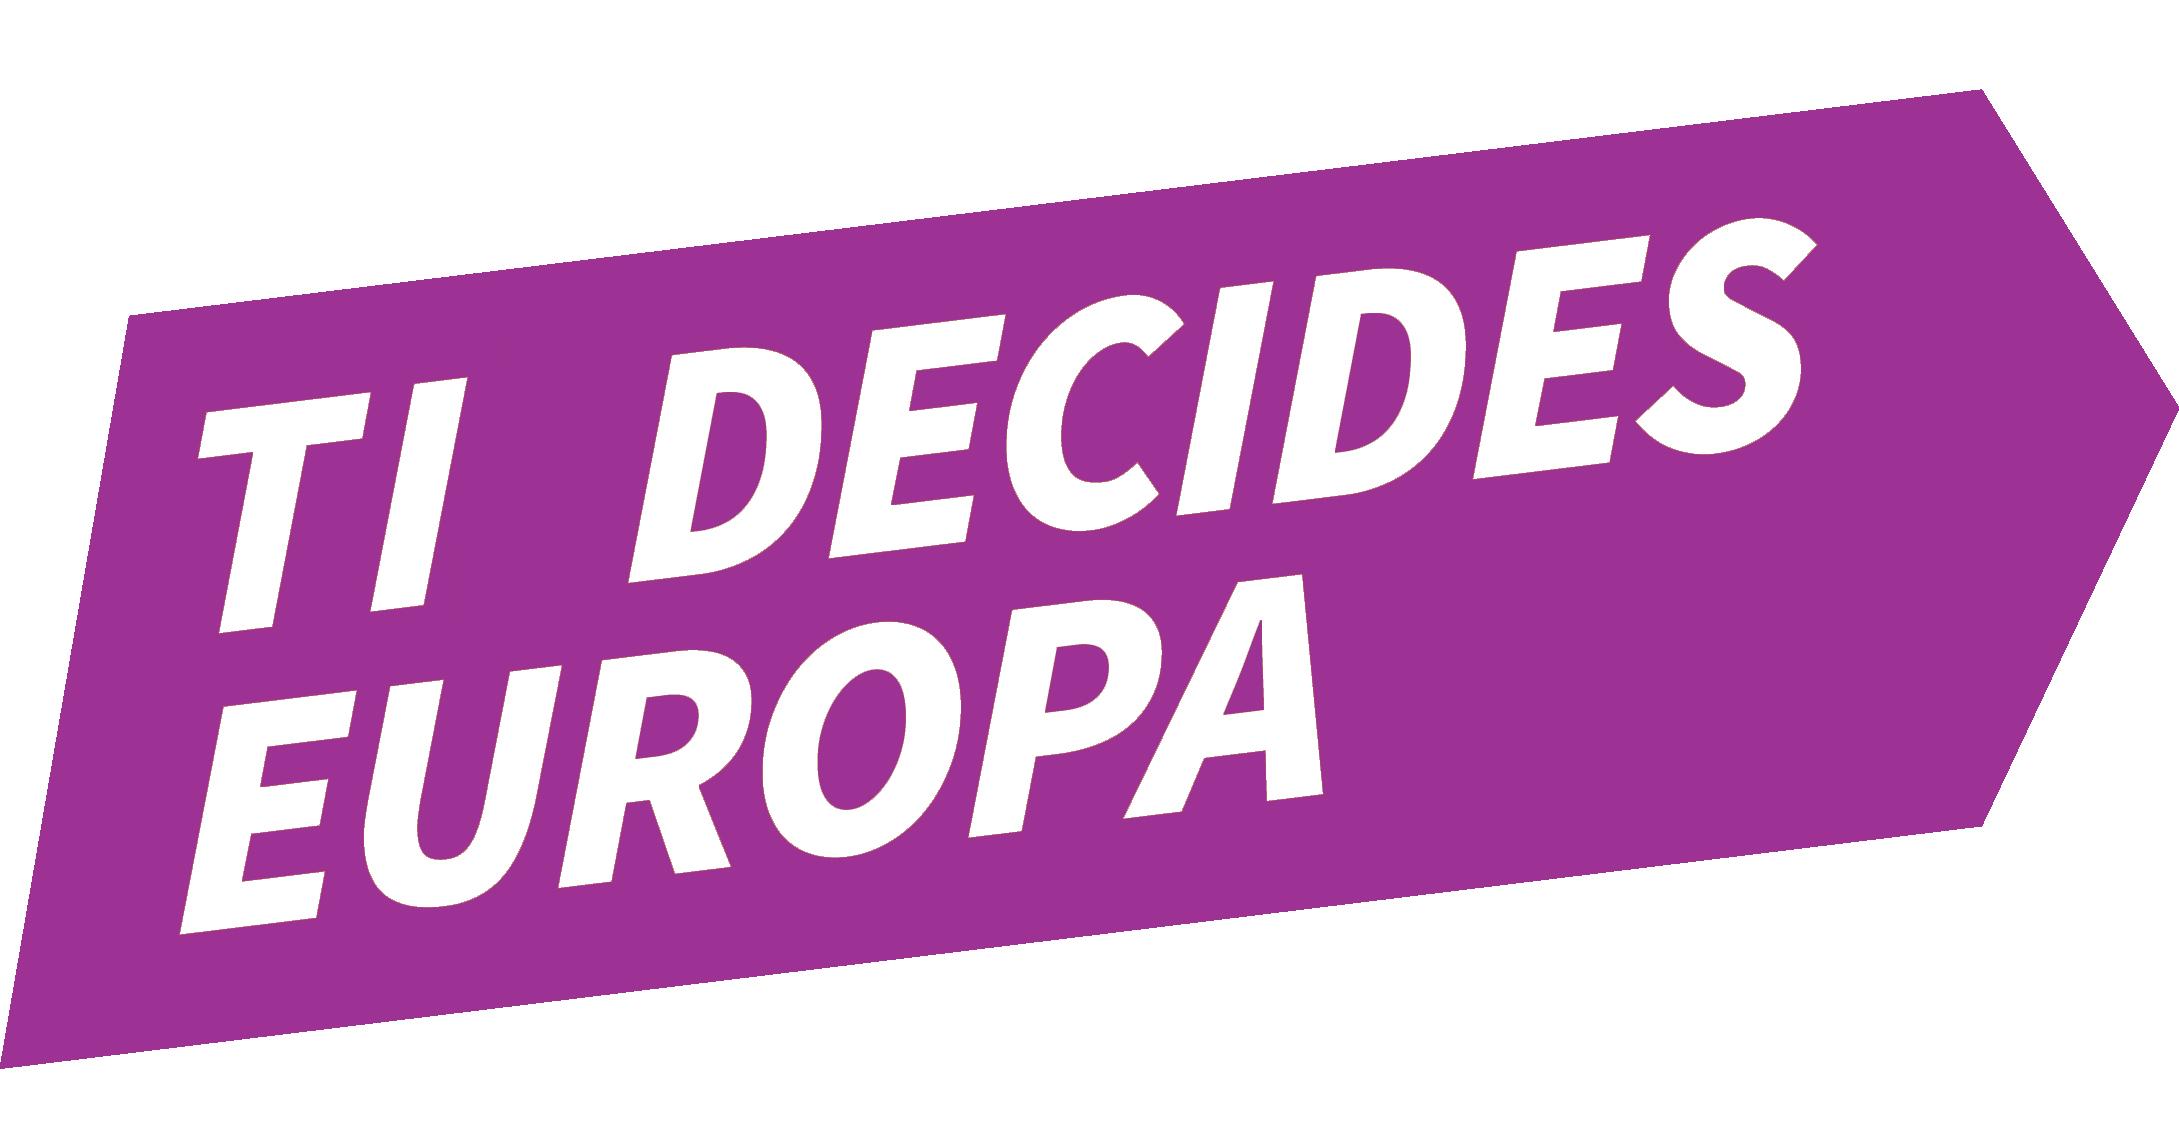 Ti decides Europa